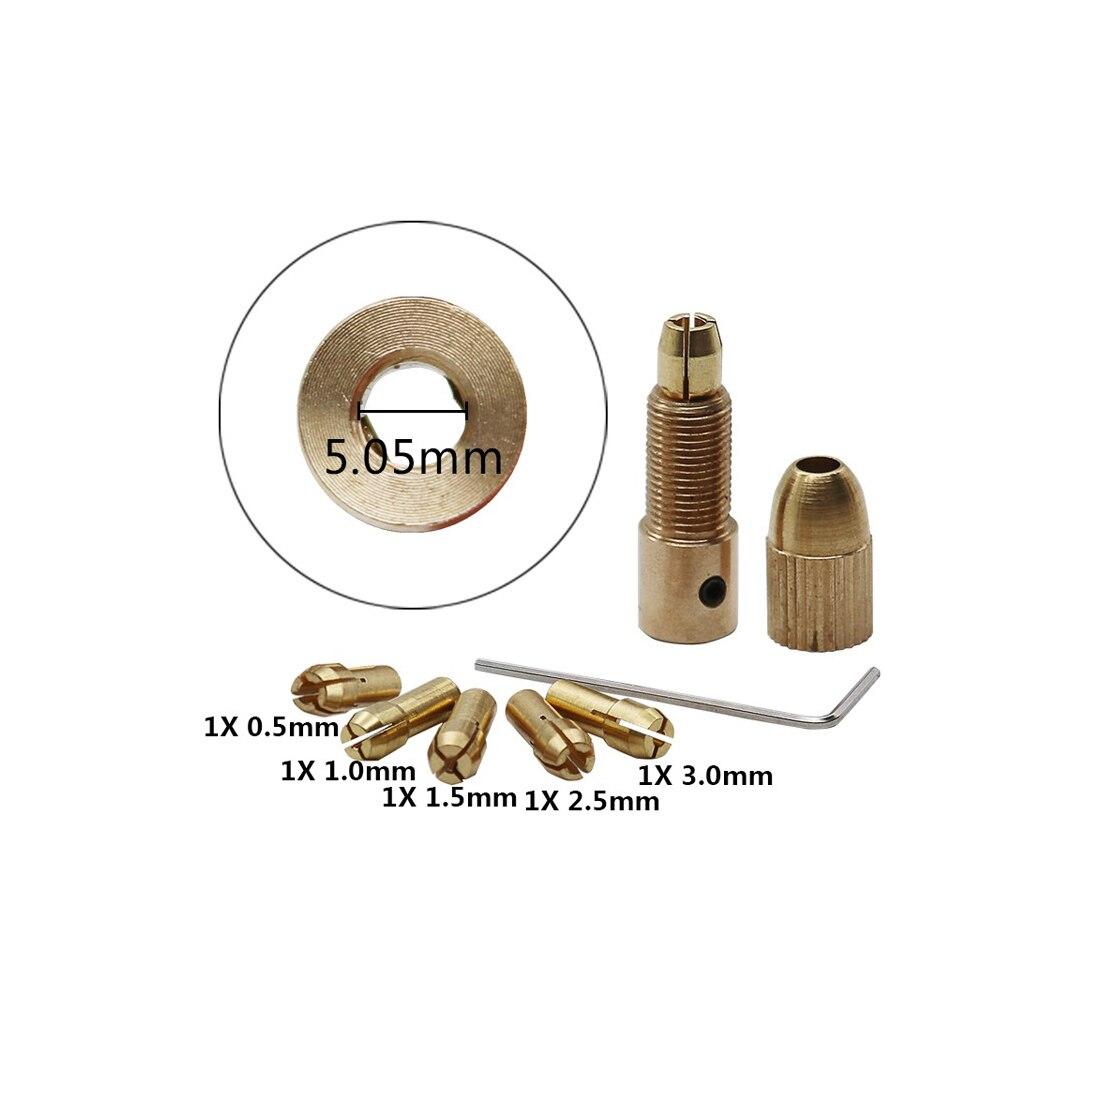 Collet Micro Twist Drill Chuck Set 7pcs/Set 0.5-3mm Small Electric Drill Bit